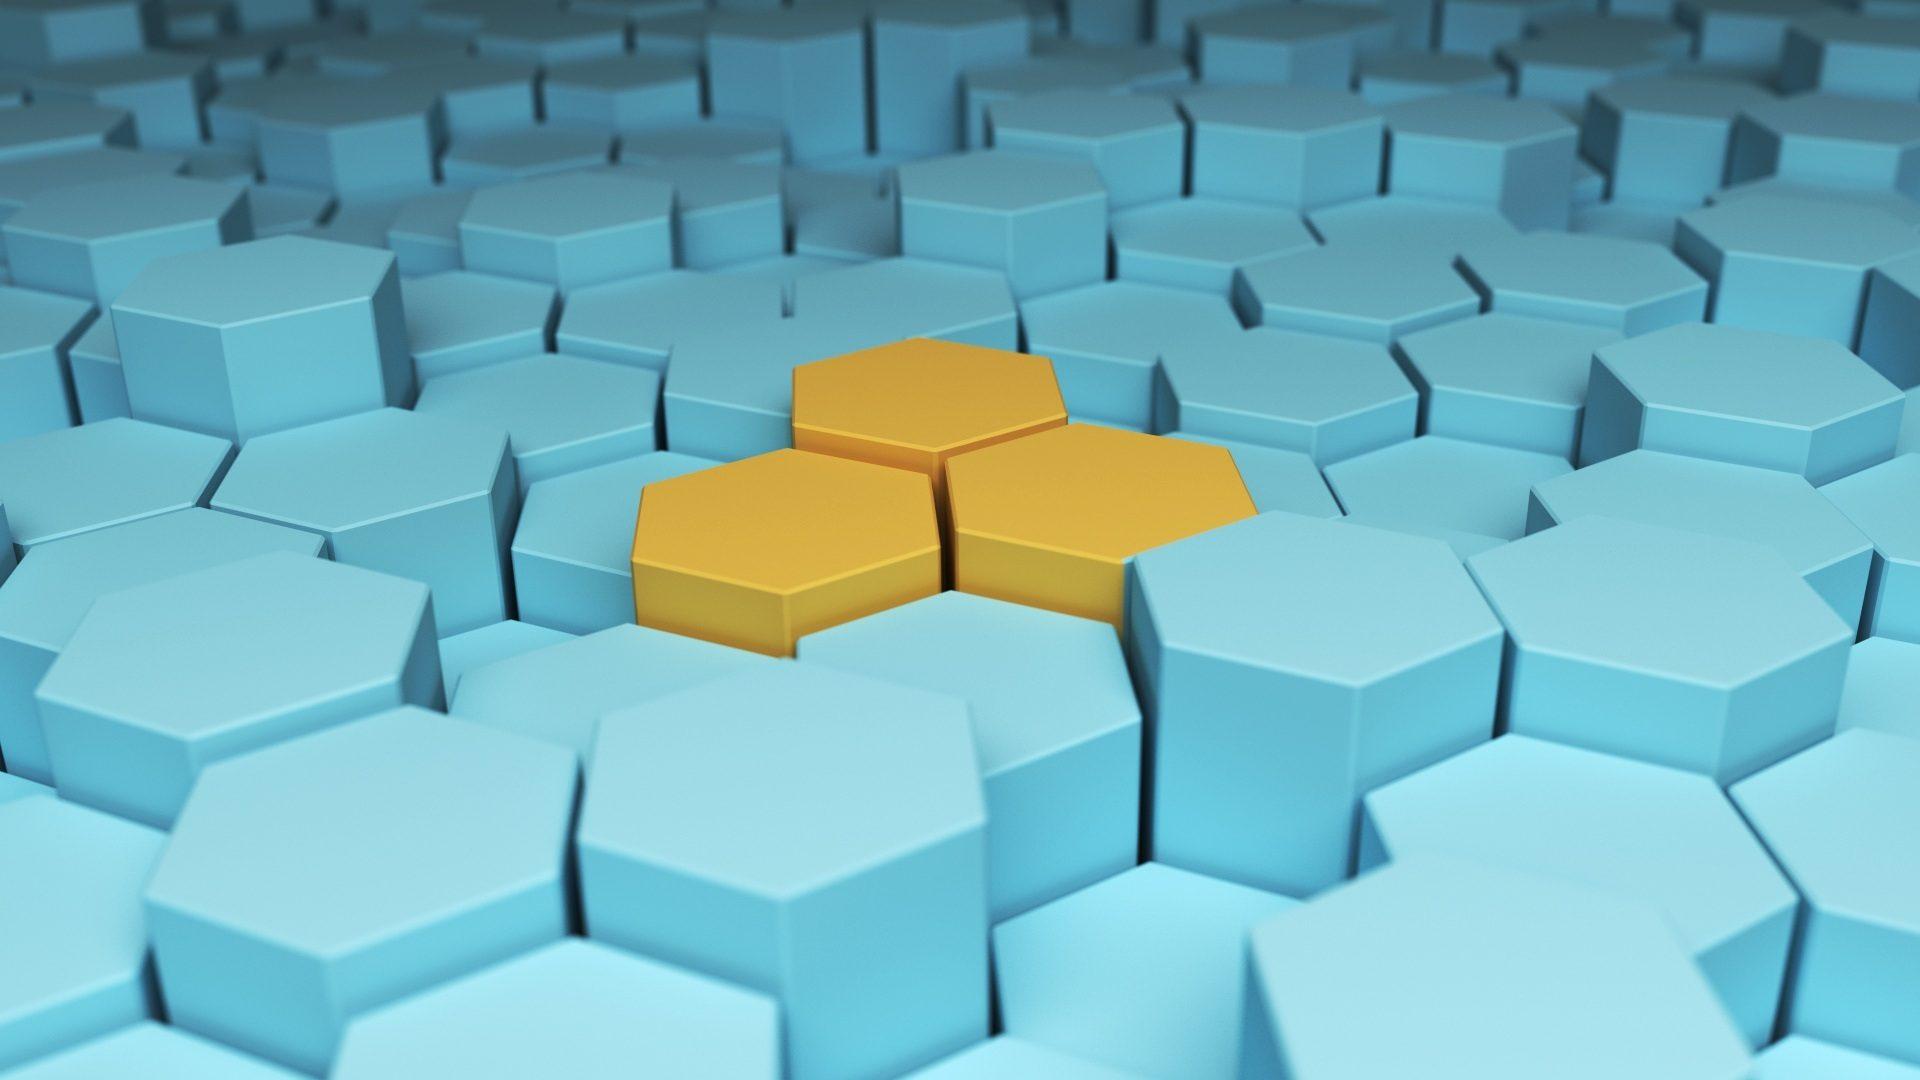 εξάγωνα, διάκριση, Τρίο, χρώματα, Κίτρινο - Wallpapers HD - Professor-falken.com